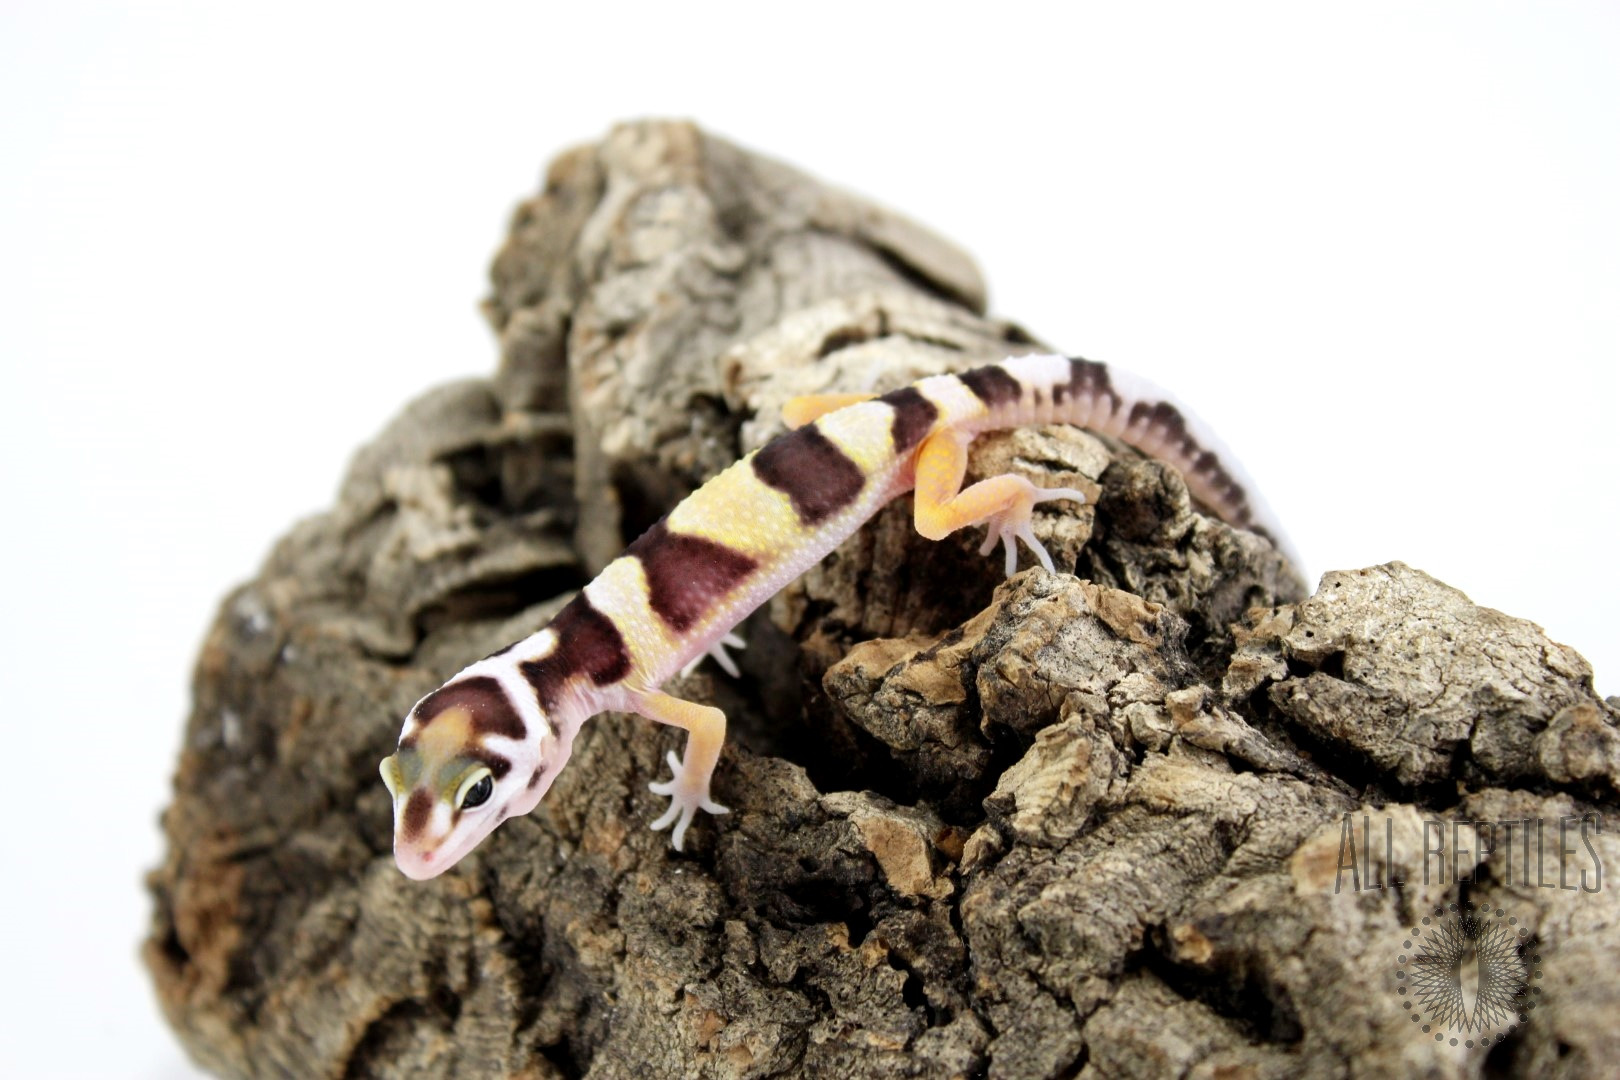 Bold Stripe Jungle Leopard Gecko